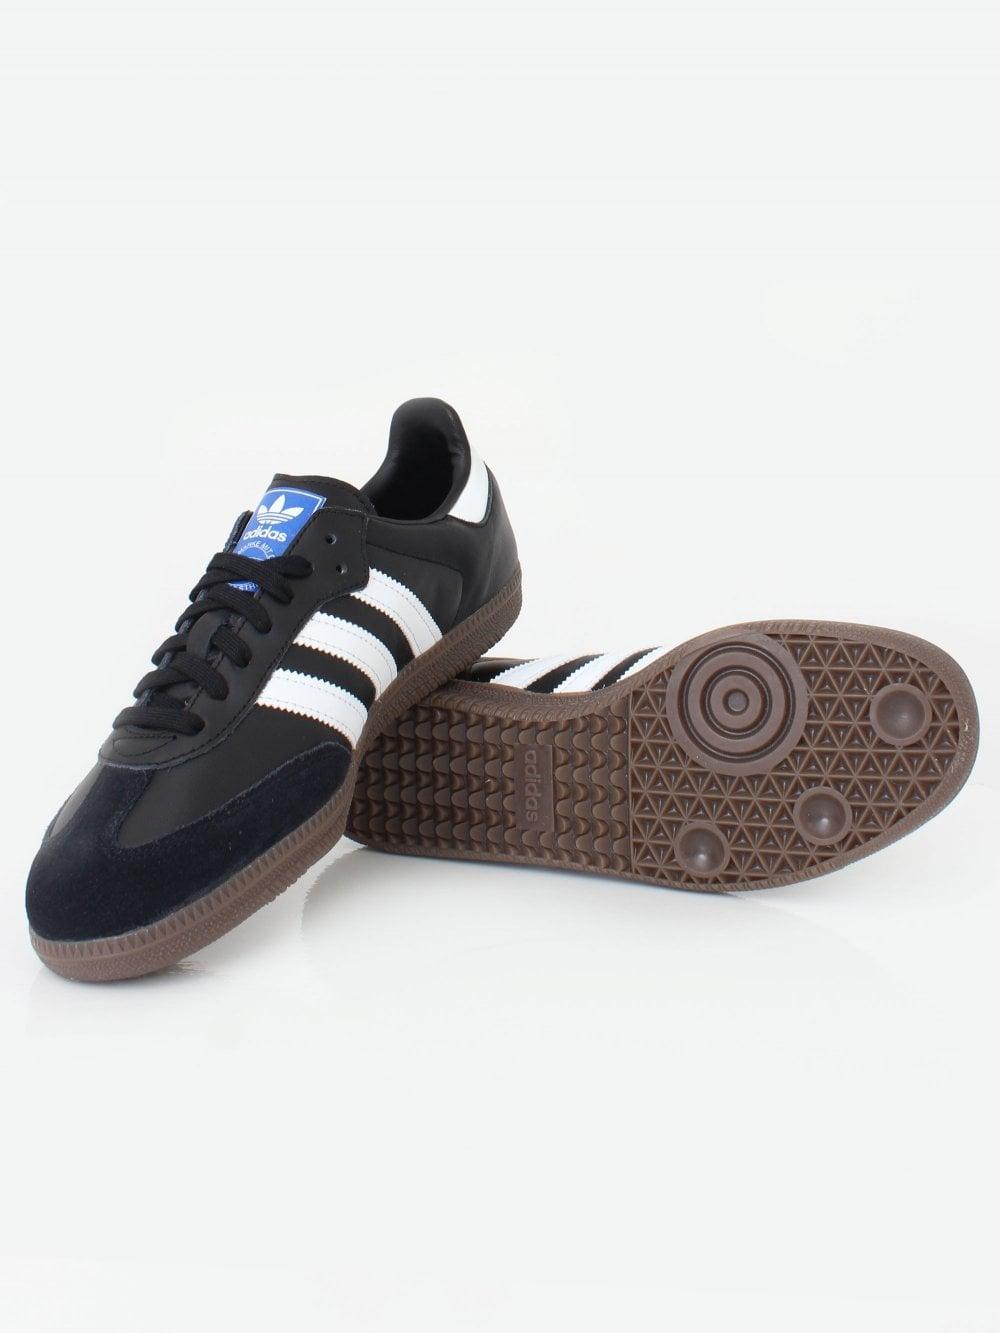 c04e217e744 adidas Originals Samba OG Trainer - Black/White